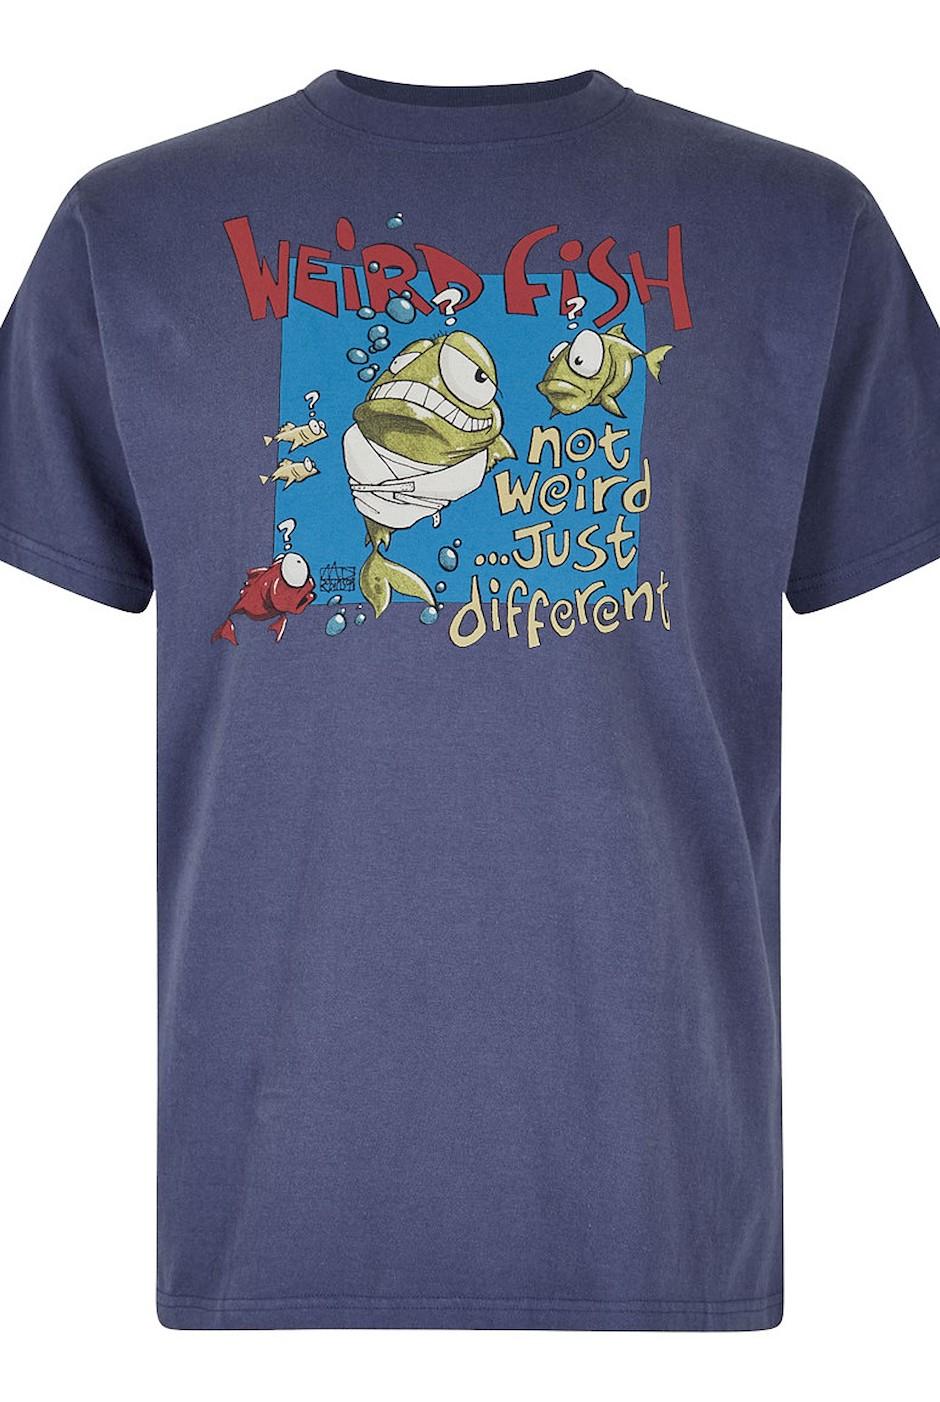 Not Weird Artist T-Shirt Blue Indigo